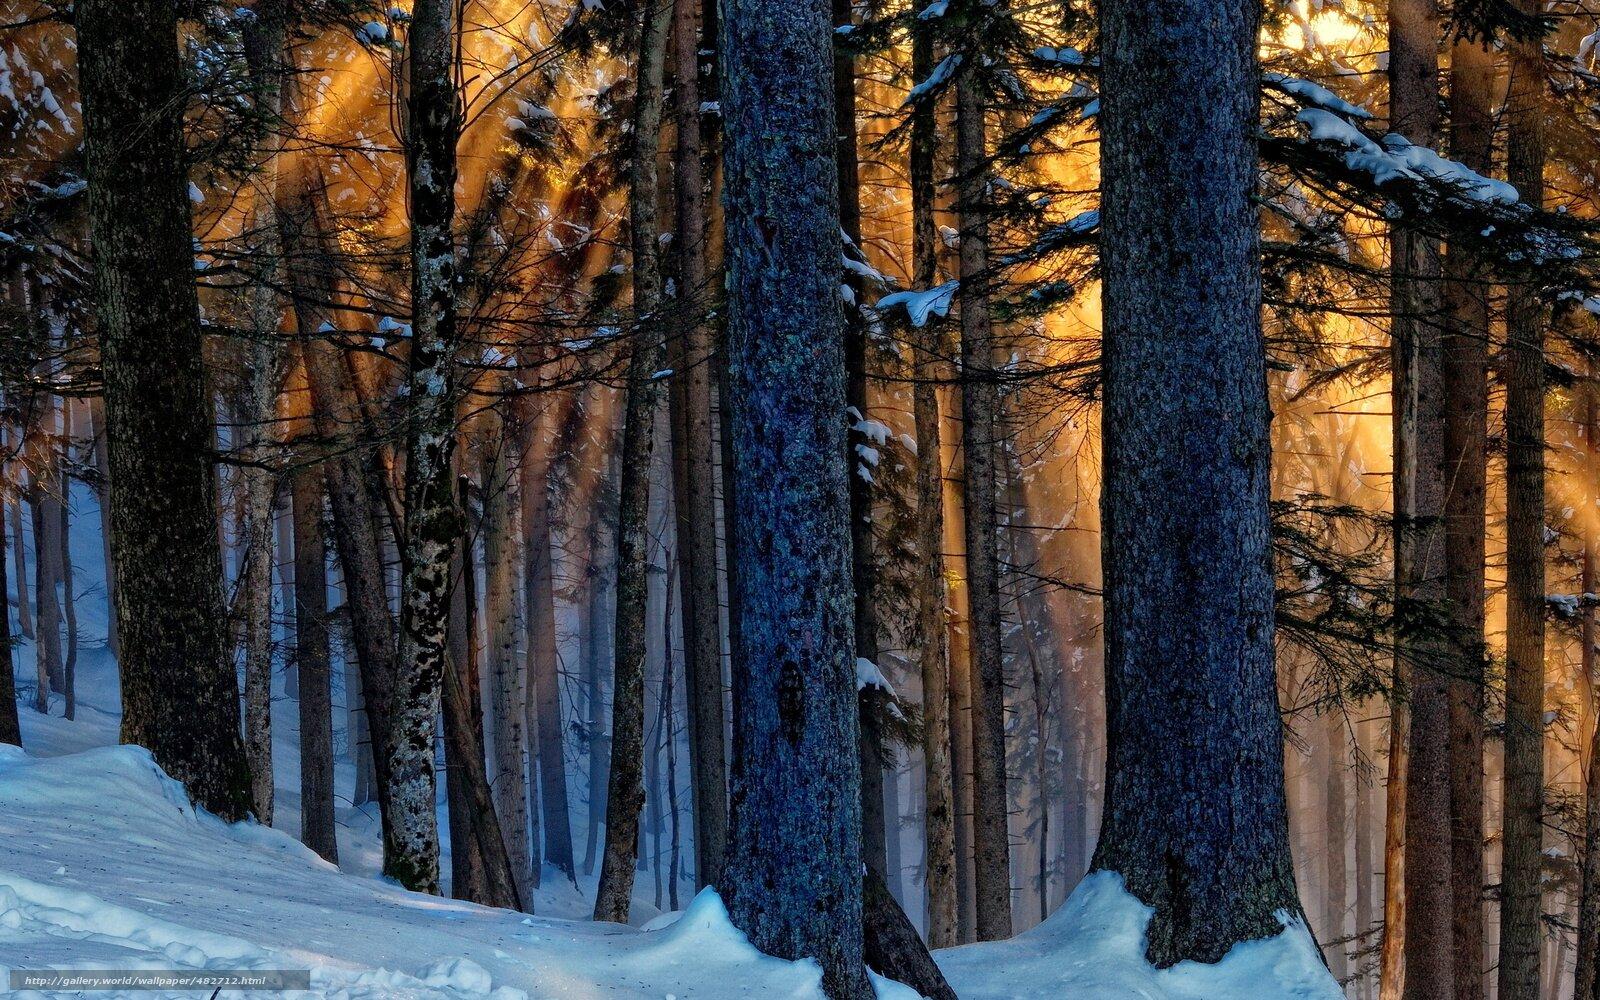 vava - Какую еду можно найти в зимнем лесу